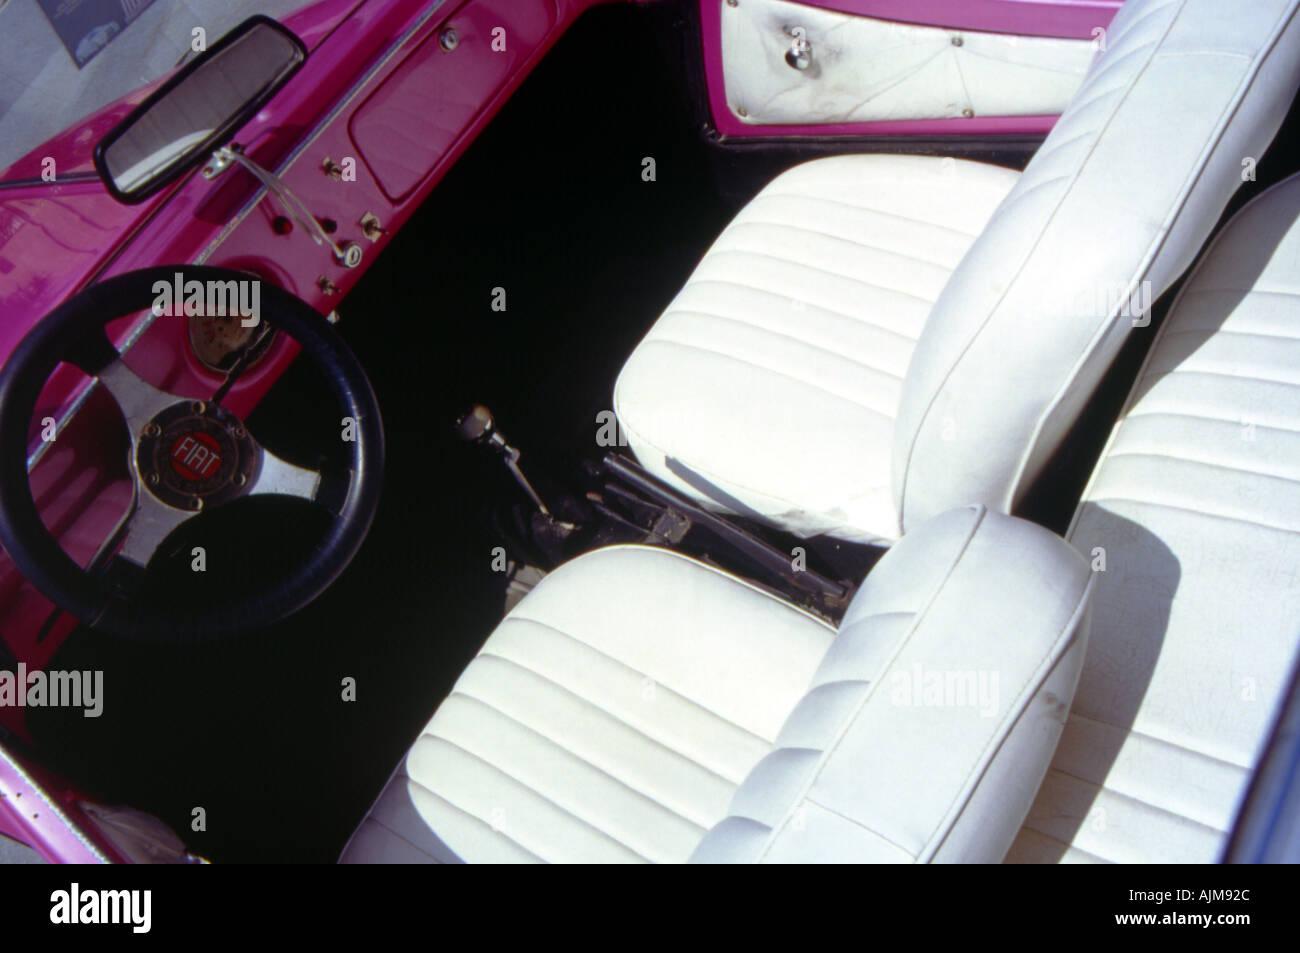 миниавтомобиль фиат